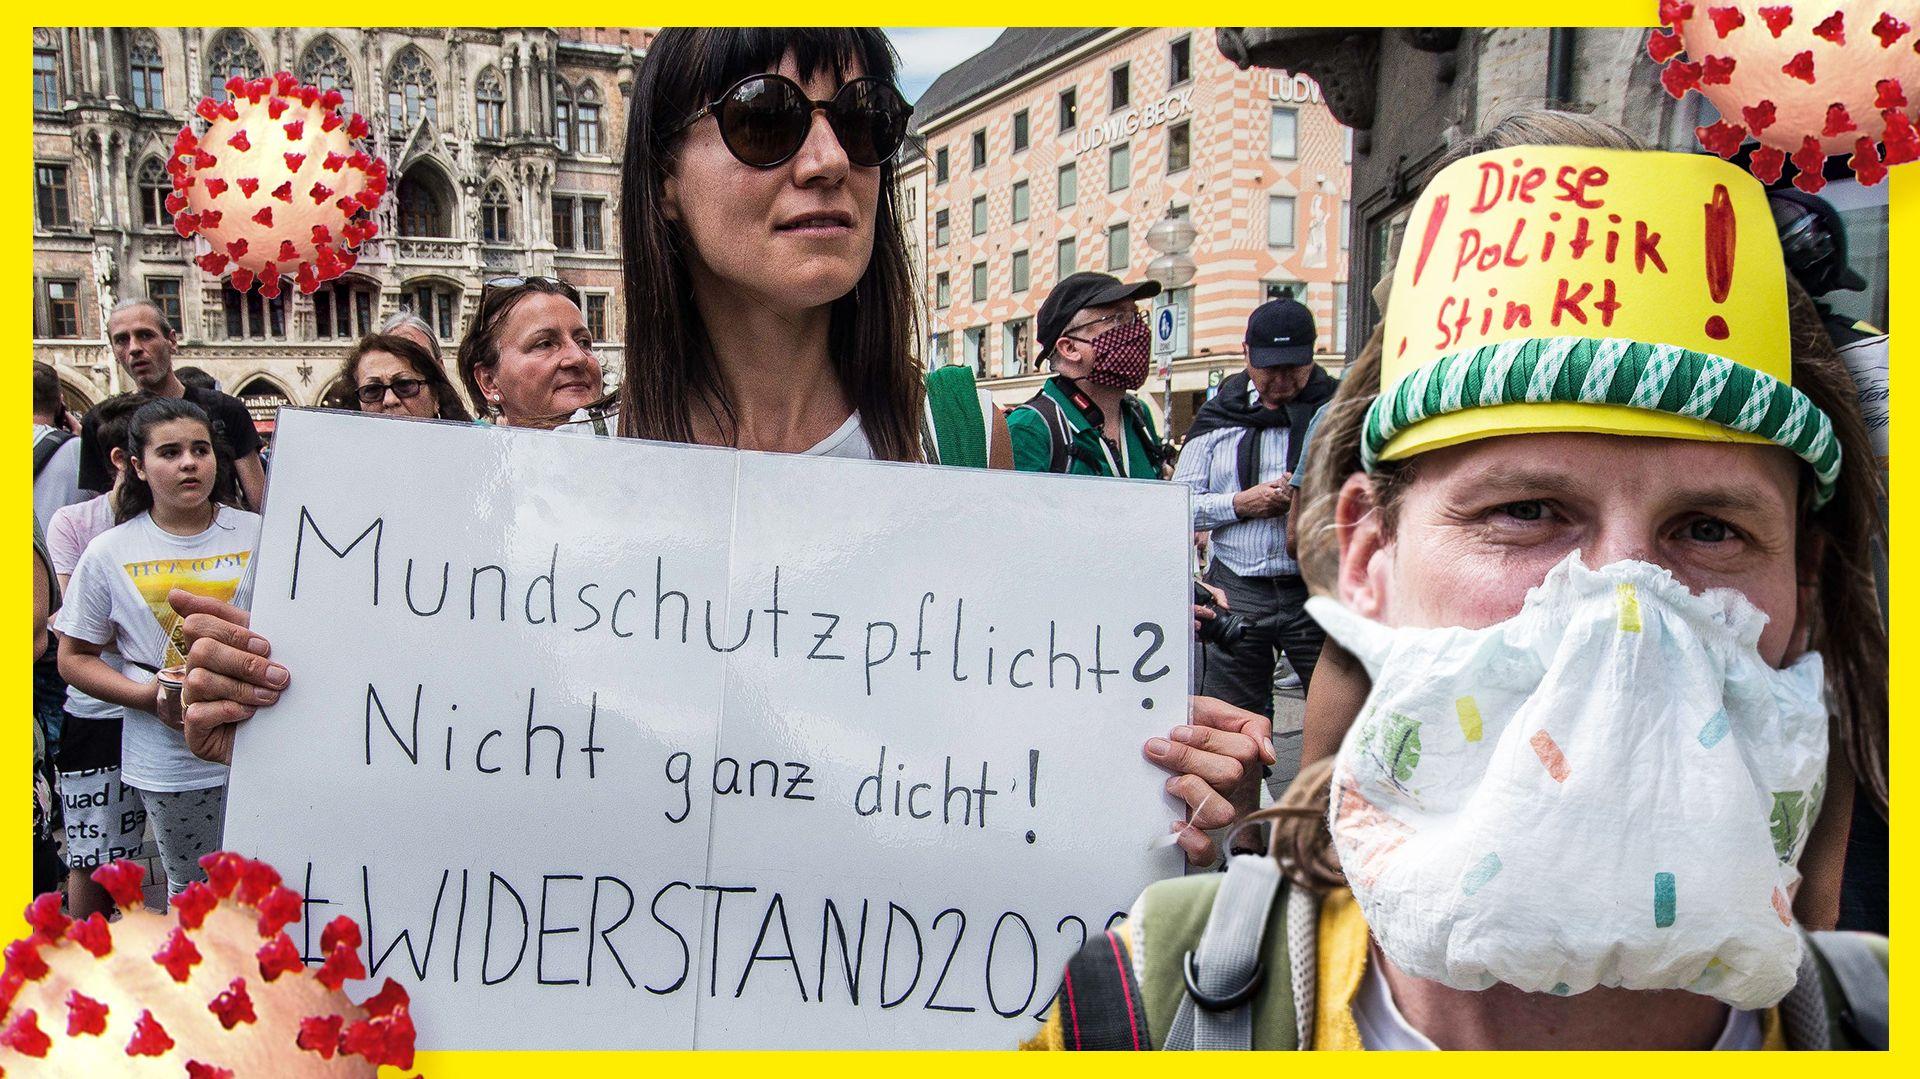 """Menschen auf dem Münchner Marienplatz. Eine Frau hält ein Schild, auf dem steht: """"Mundschutzpflicht? Nicht ganz dicht! #Widerstand2020"""". Ein Mann trägt eine Windeln vor Mund und Nase, an seine Stirn ist ein Schild angebracht mit der Aufschrift: """"Diese Politik stinkt!"""""""